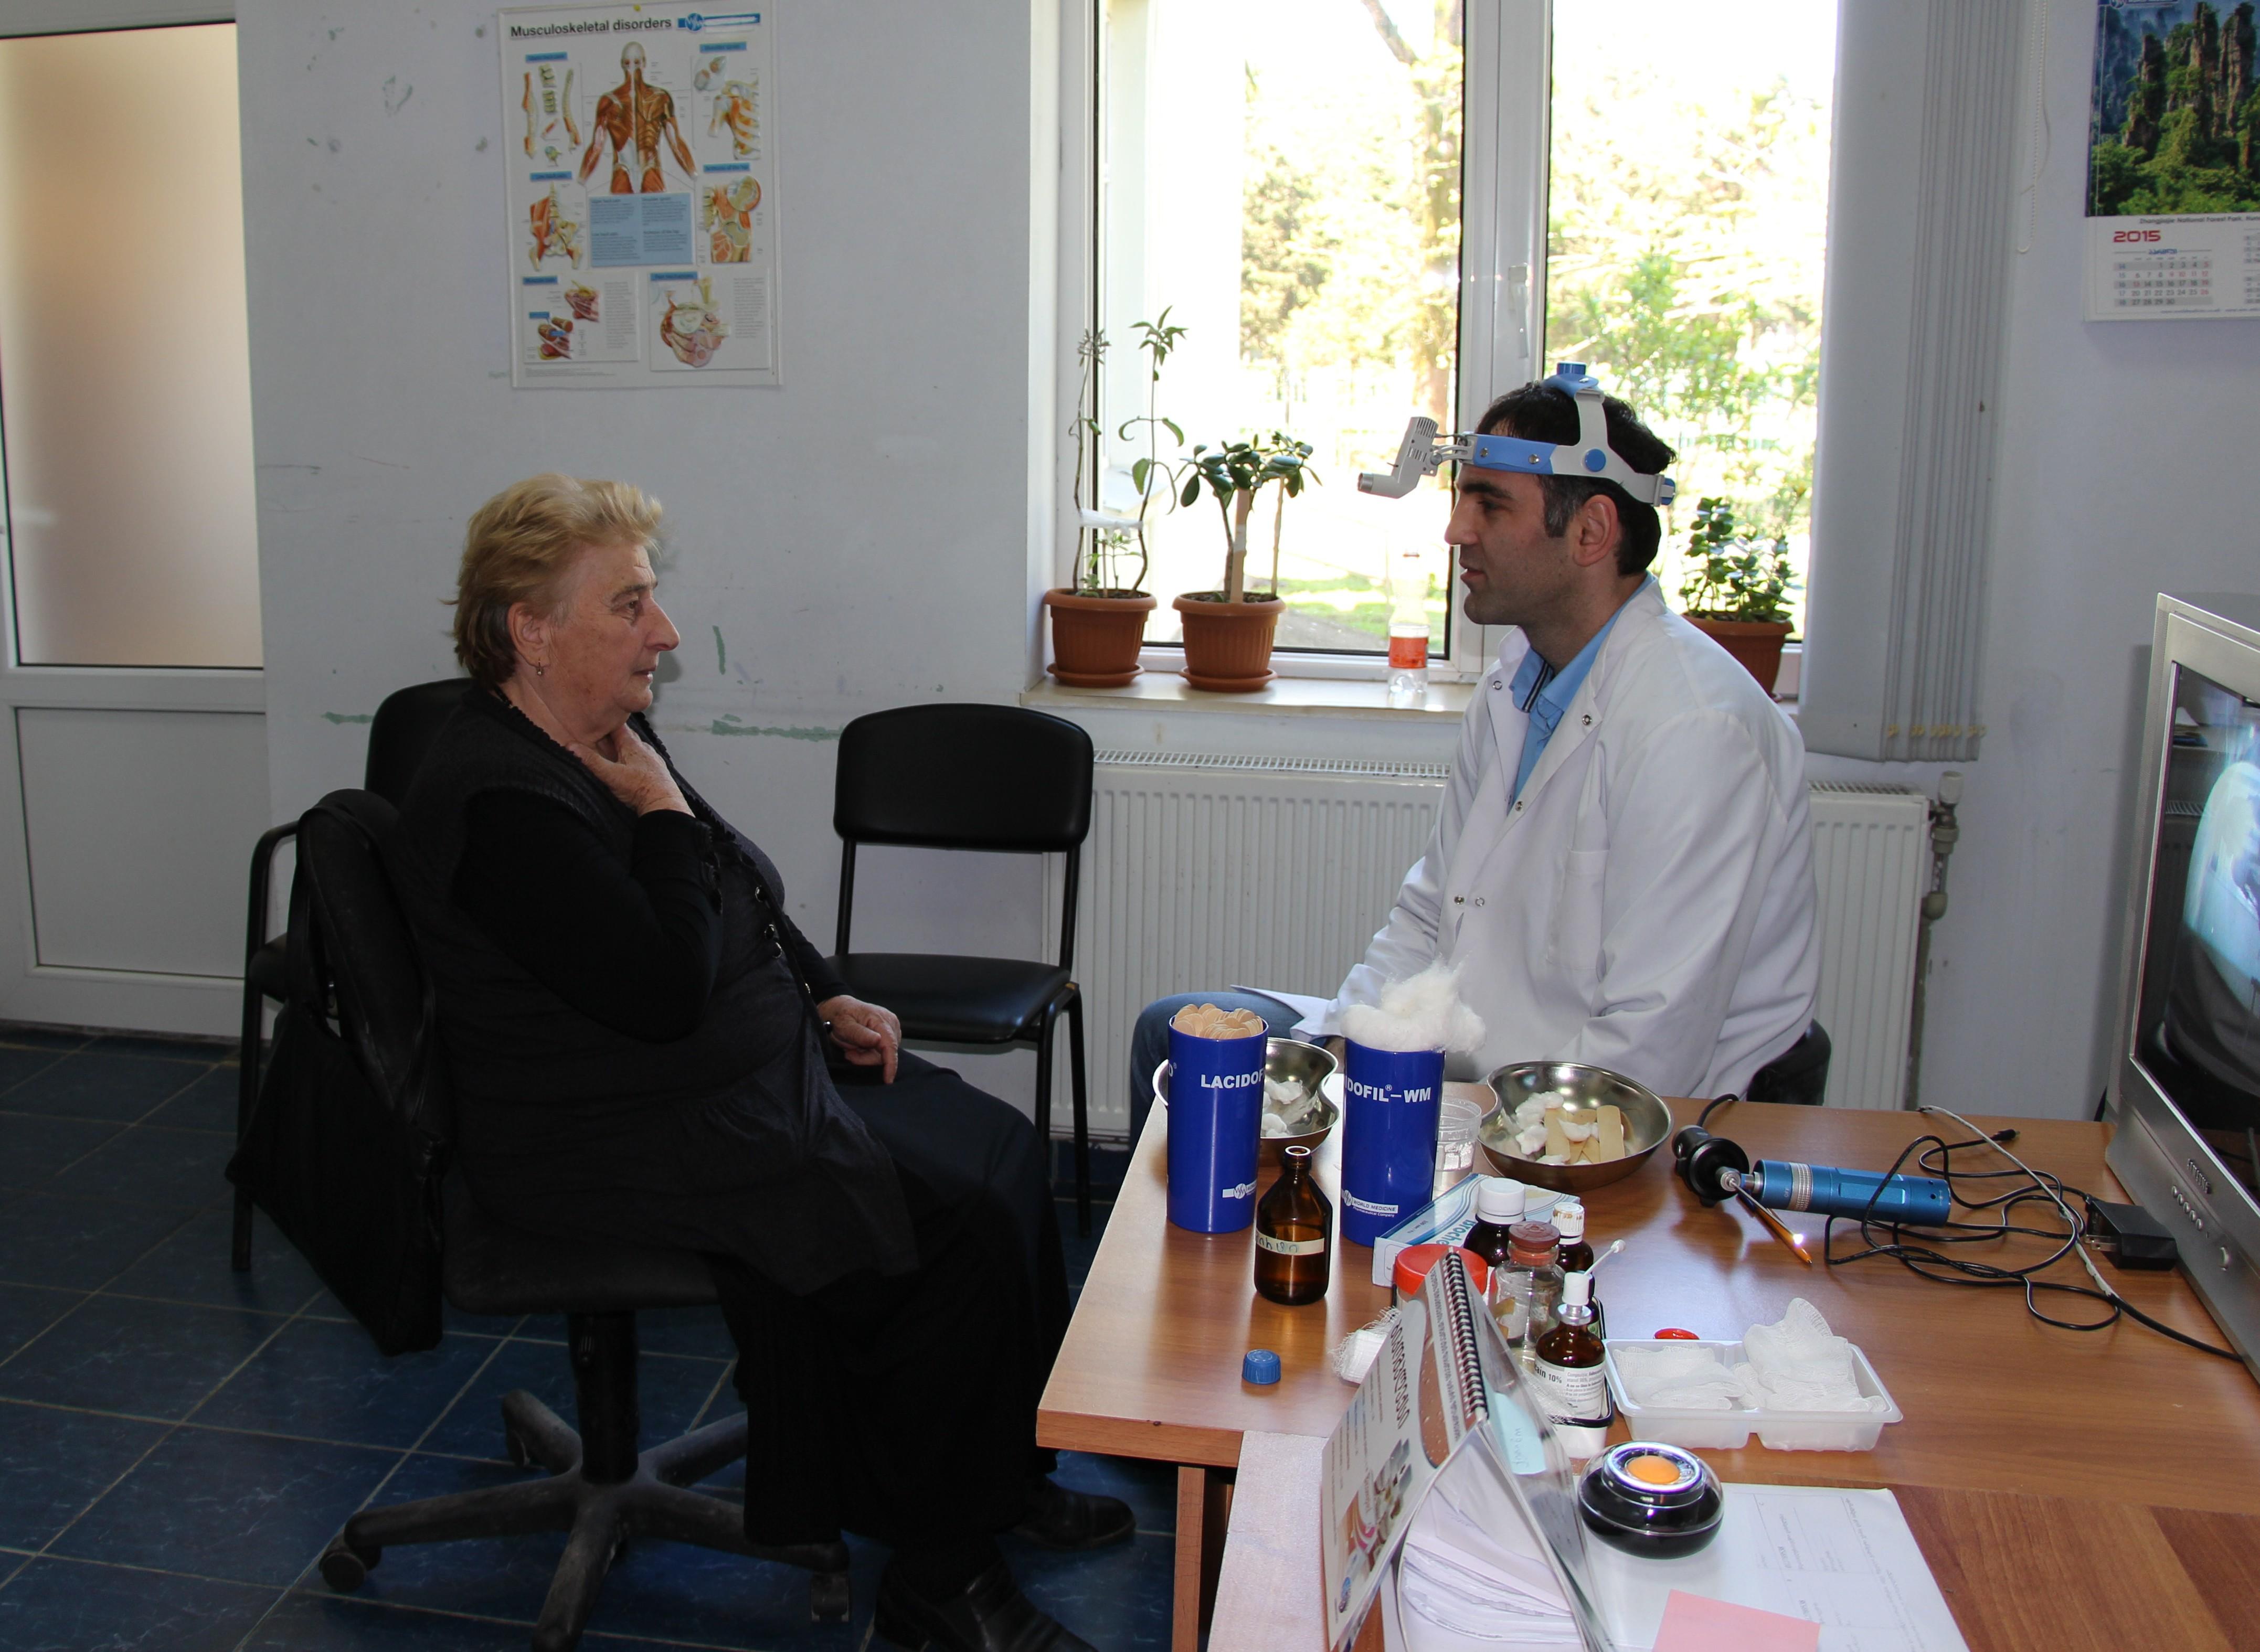 ქობულეთში უფასო სამედიცინო მომსახურება 218 პაციენტს გაეწია